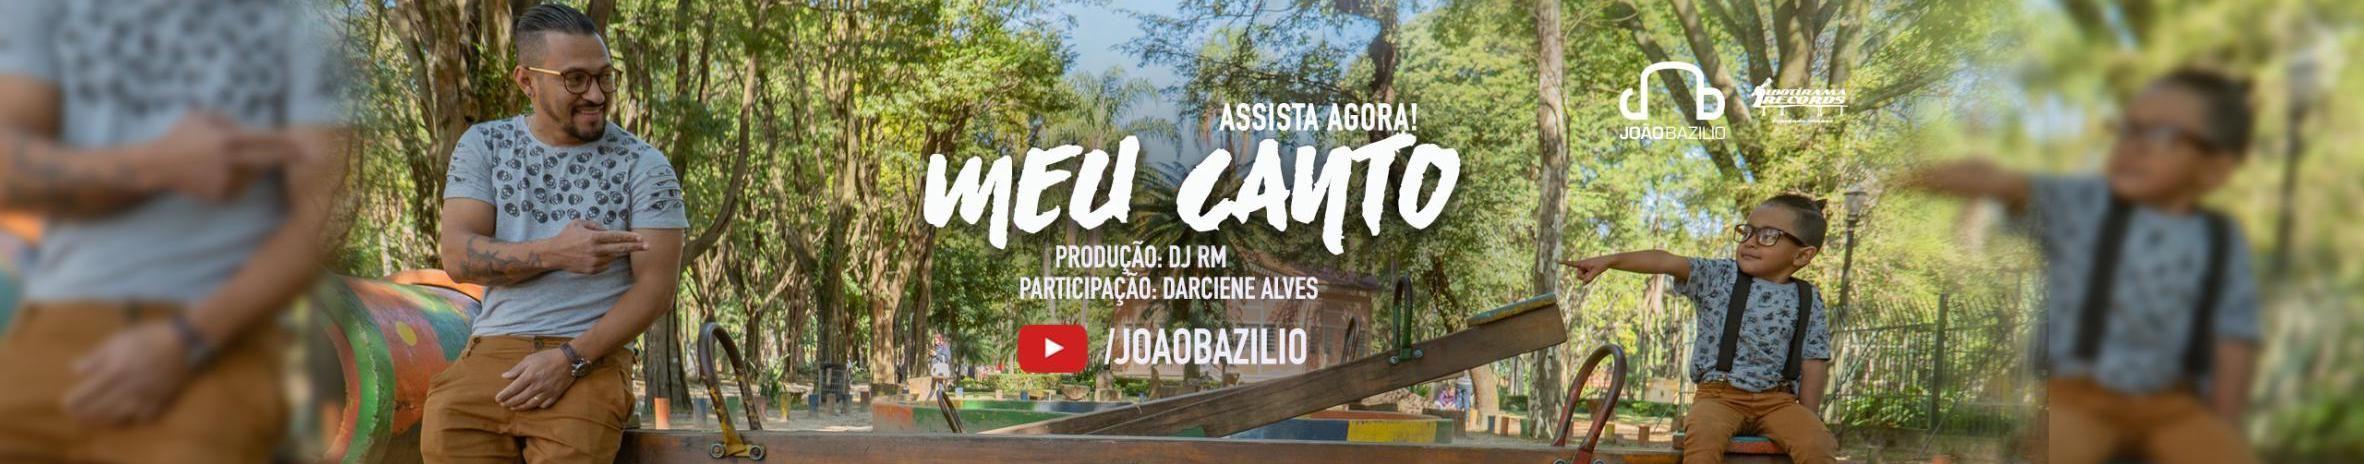 Imagem de capa de João Bazilio